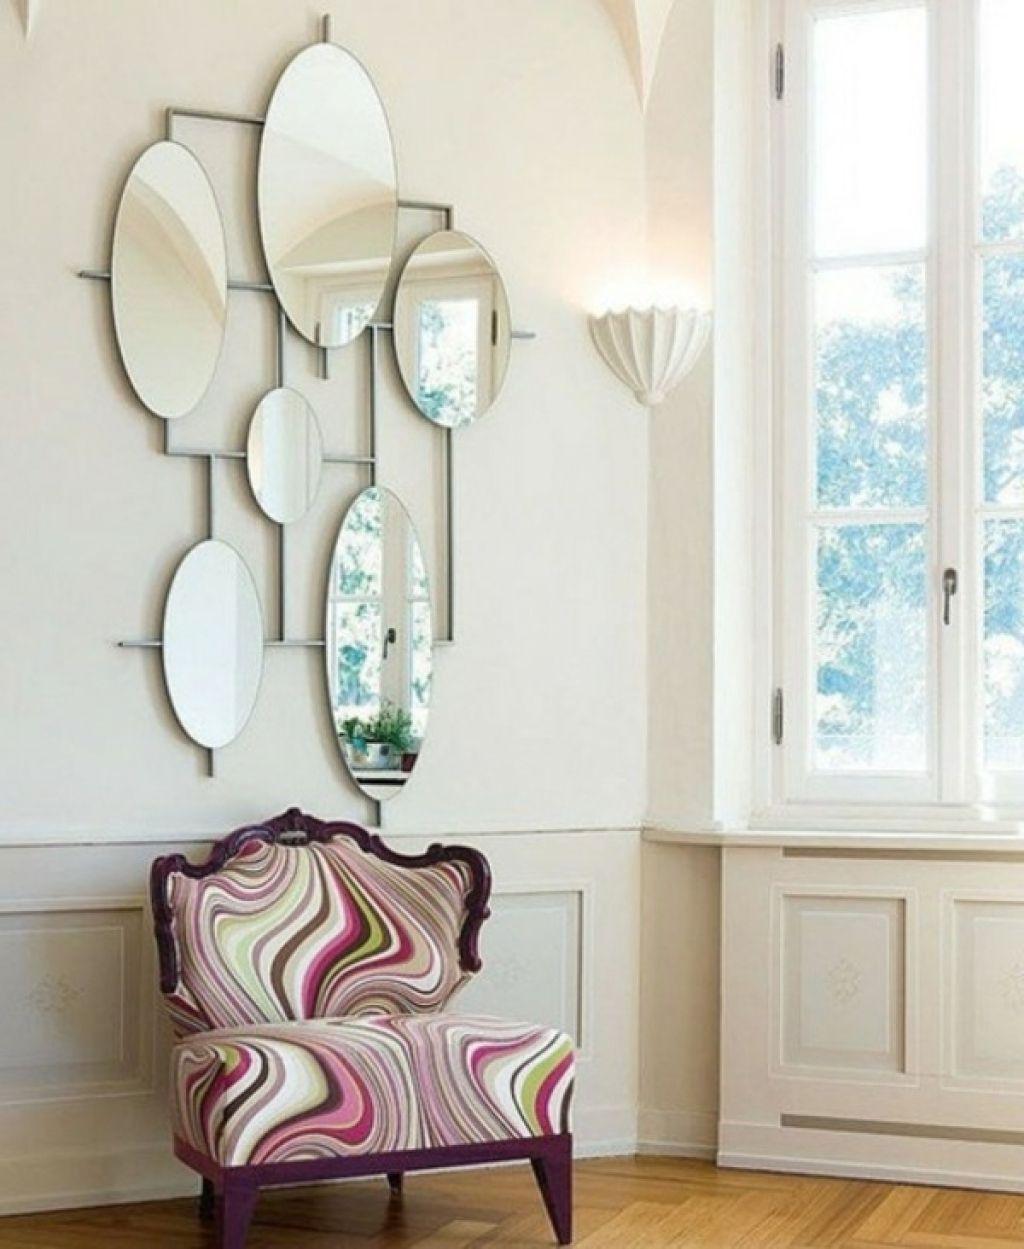 deko wandspiegel wohnzimmer interessante spiegel kombination ...